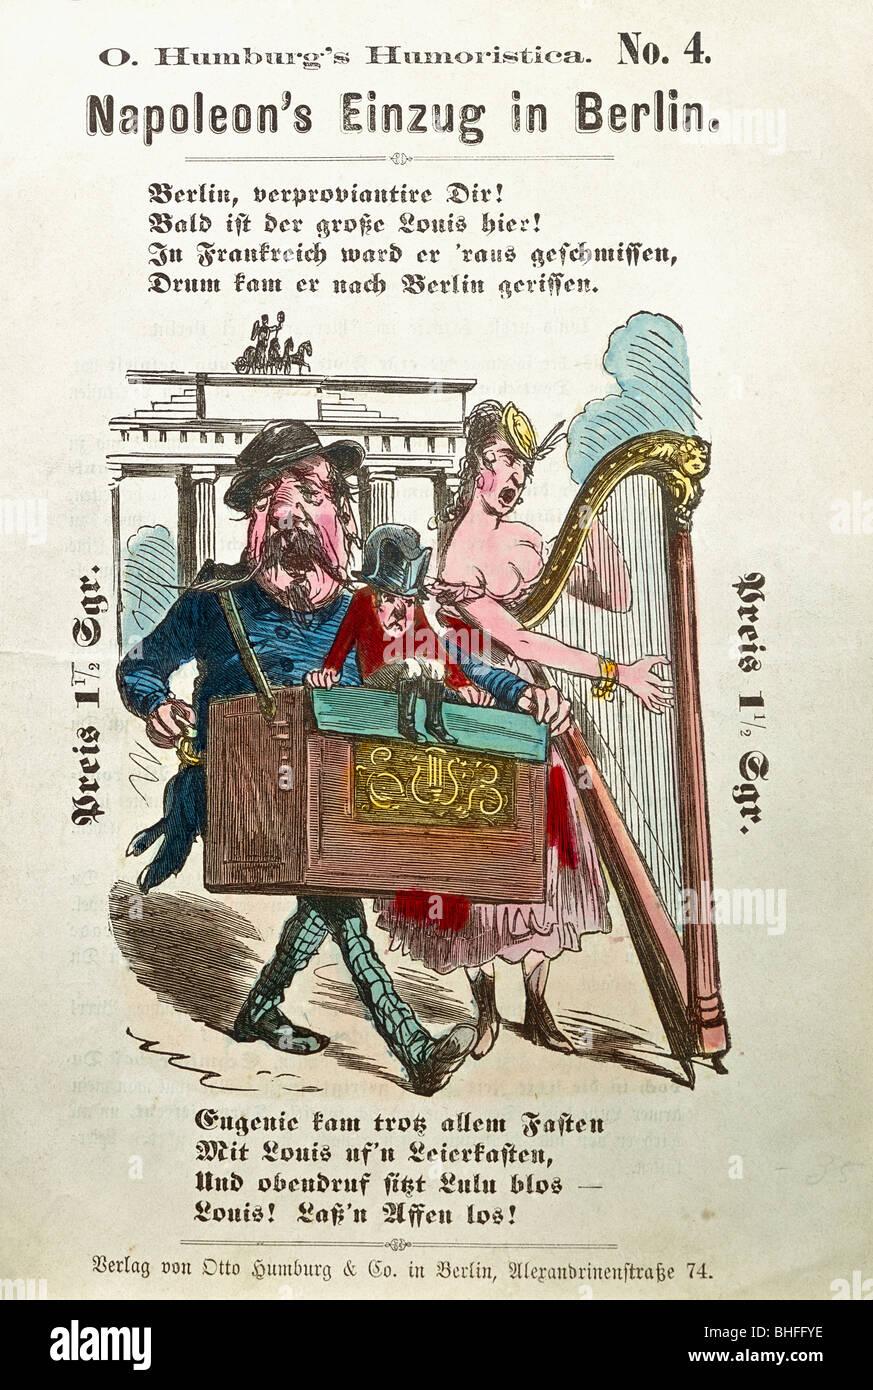 events, Franco-Prussian War 1870 / 1871, satirical leaflet